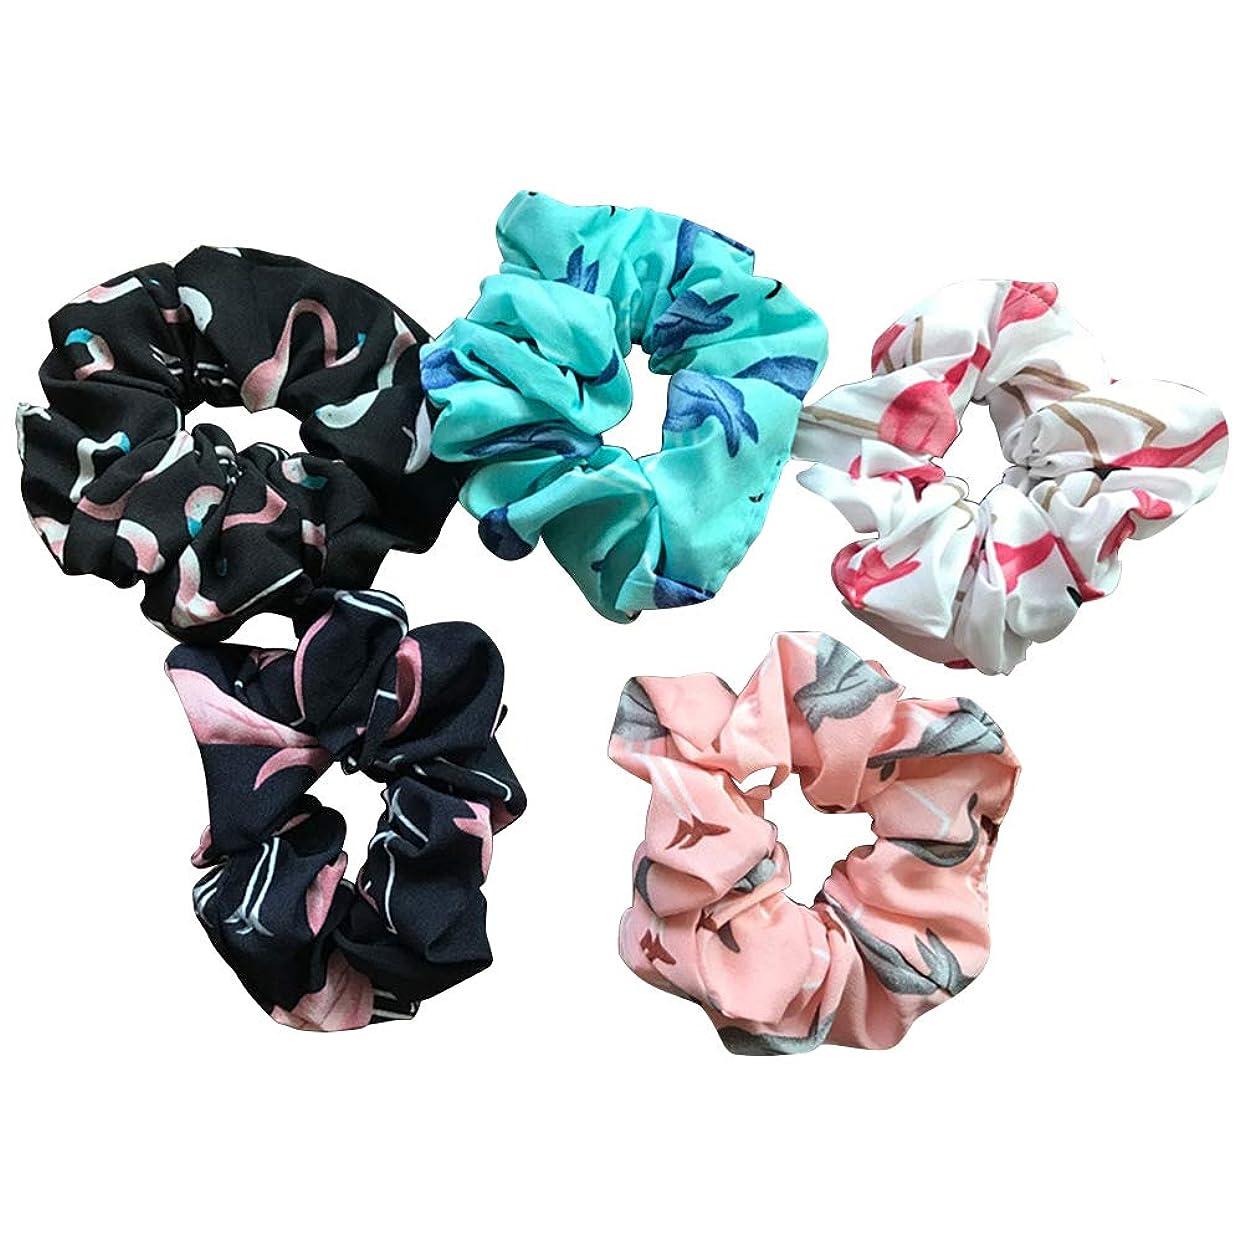 ガイドライン苦しむ適合するLURROSE 5本の髪のしっぽい弾力のあるヘアバンドフラミンゴプリントポニーテールホルダーシームレスなしっぽい髪のネクタイアクセサリー女性女の子用(ネイビー+ピンク+ブラック+ホワイト+ブルー)